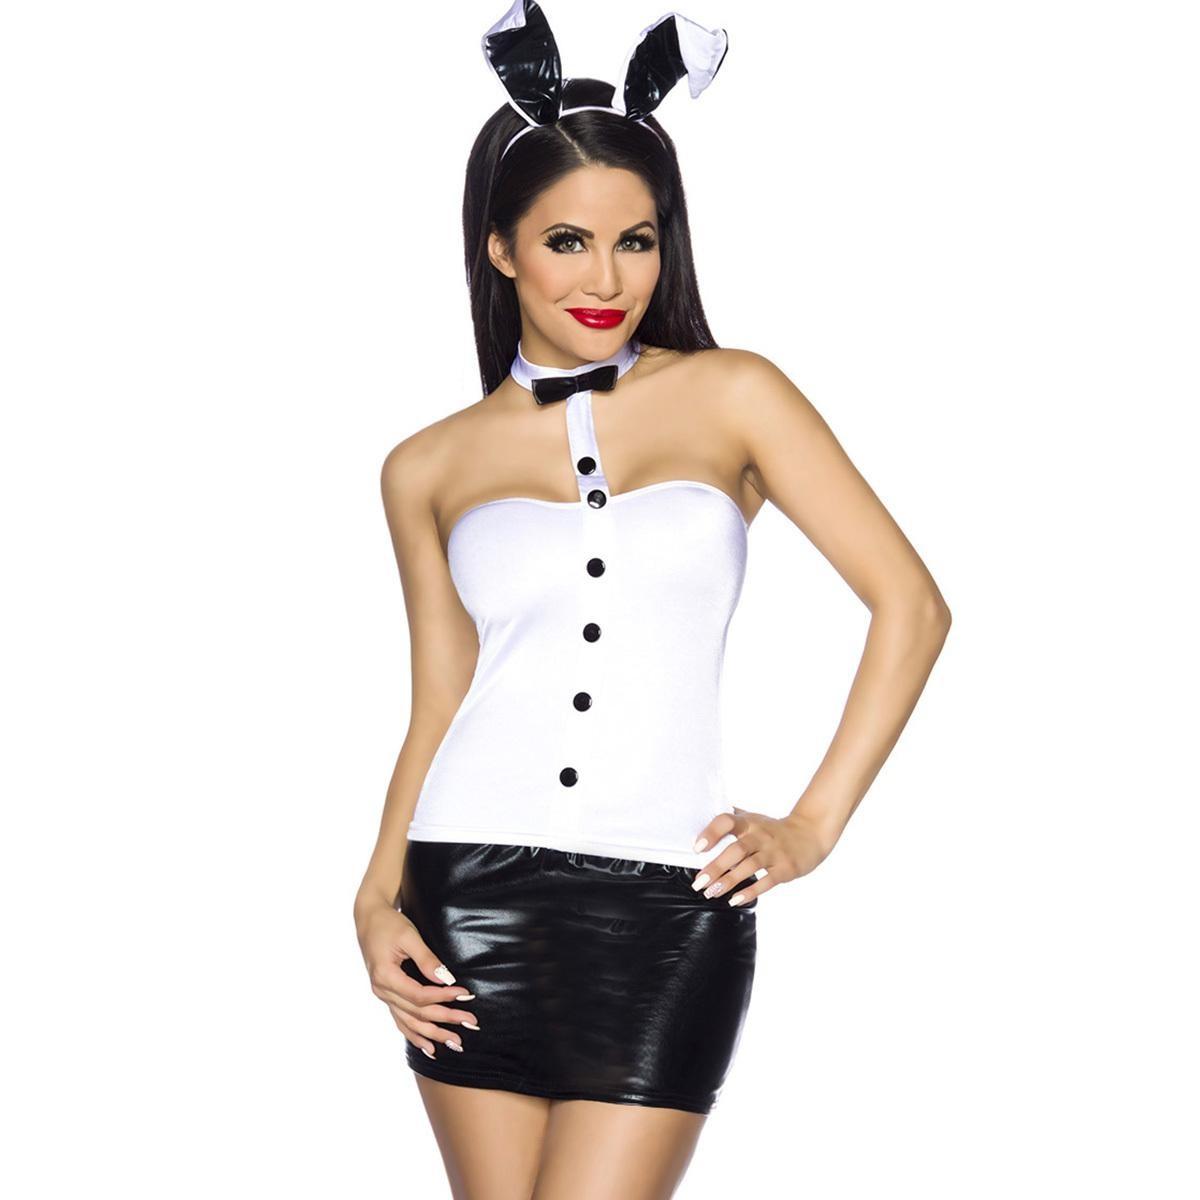 *NL Bunny-Kostüm - weiß/schwarz